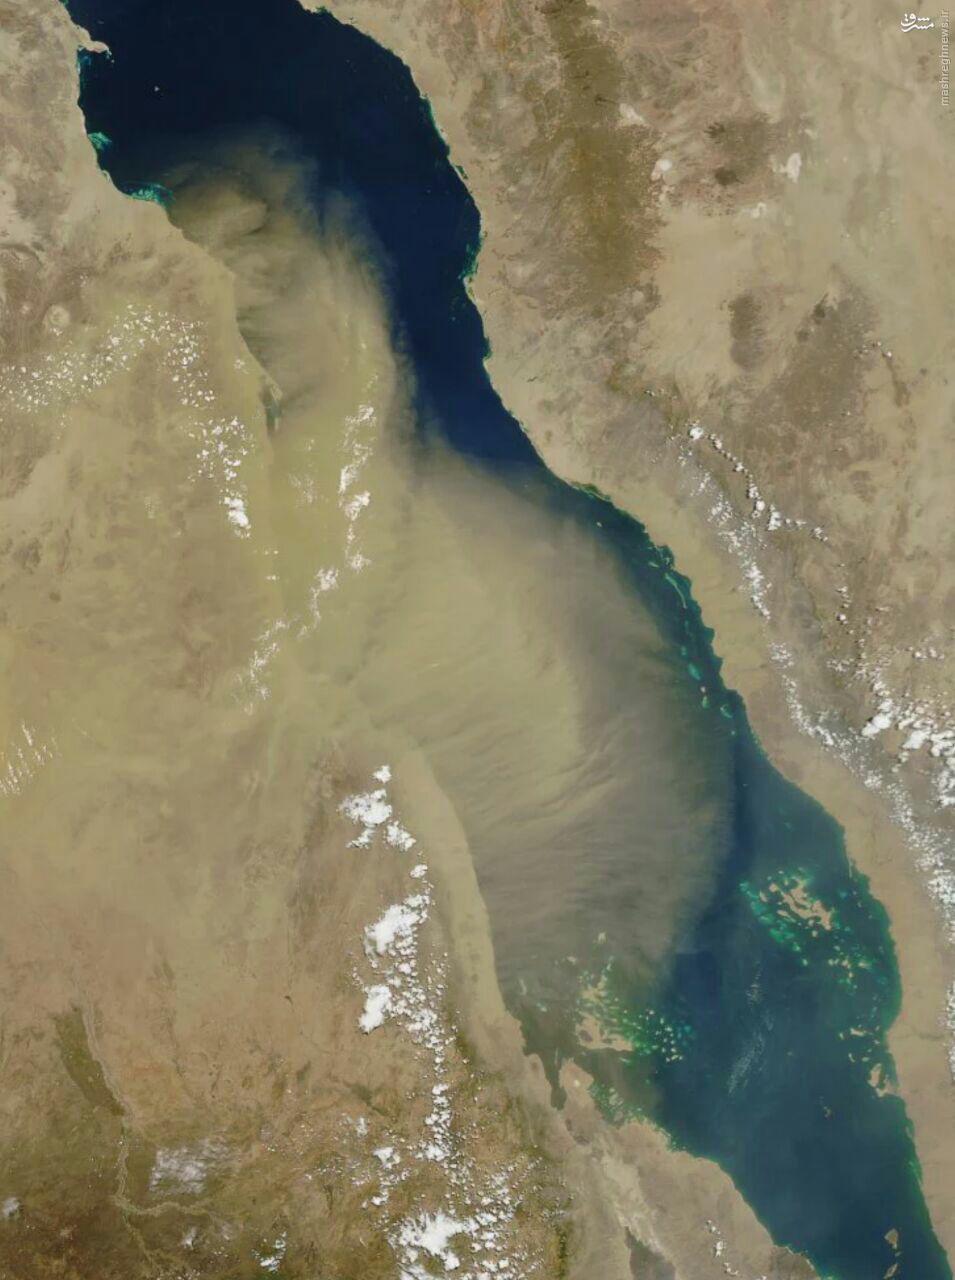 عکس ماهوارهای از عبور ریزگردها